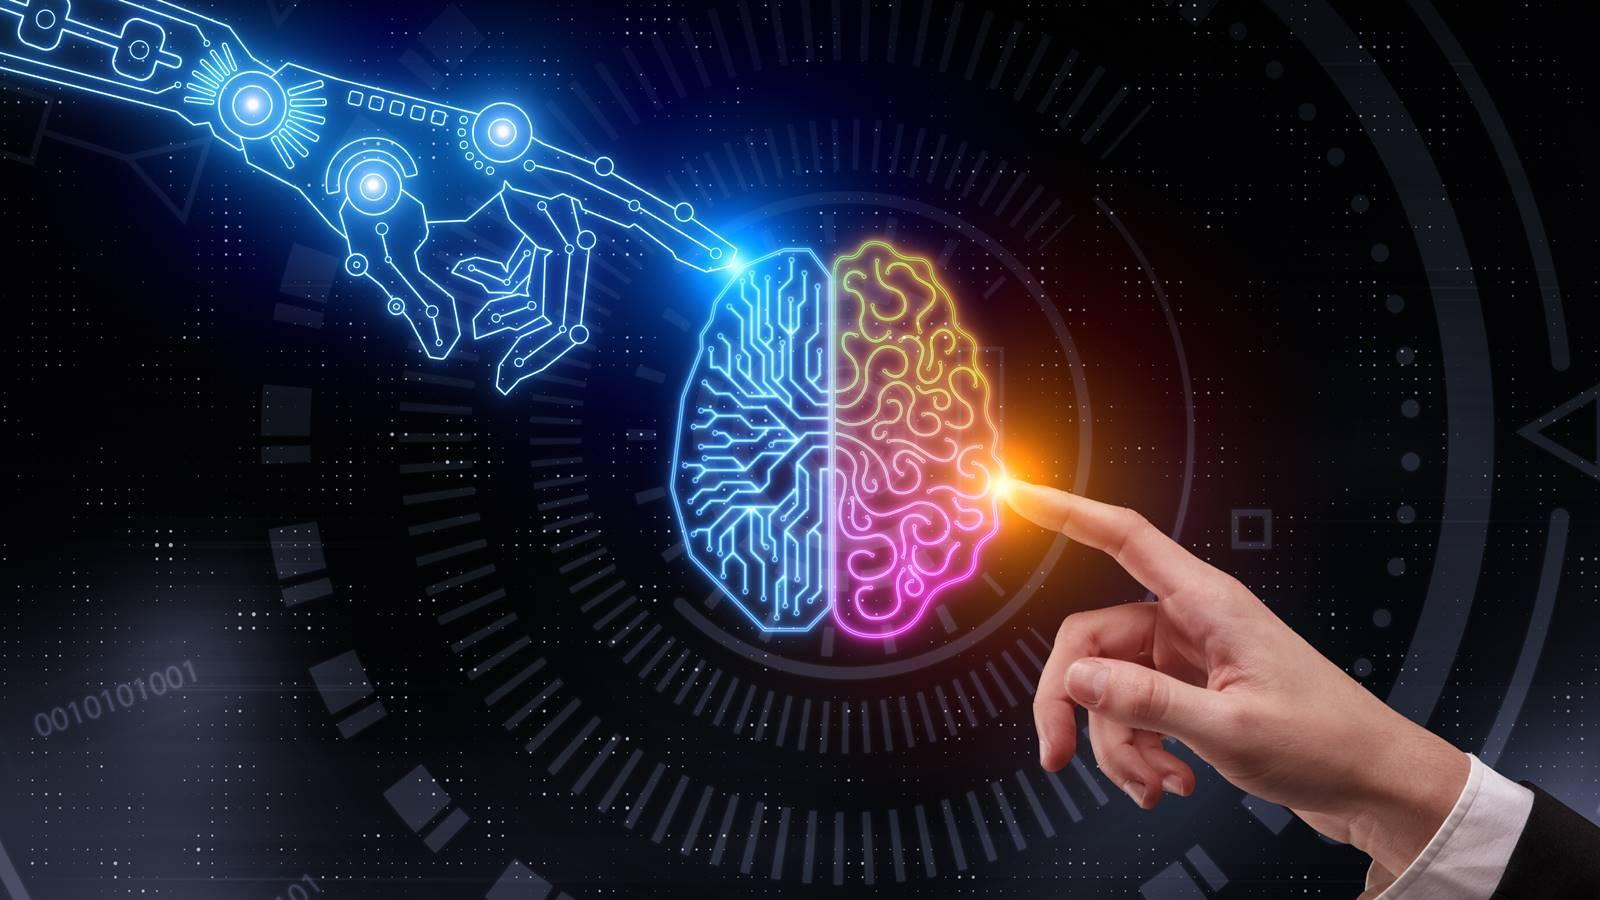 بزرگترین فناوریها و چالشهای ۲۰۲۱ چیست؟